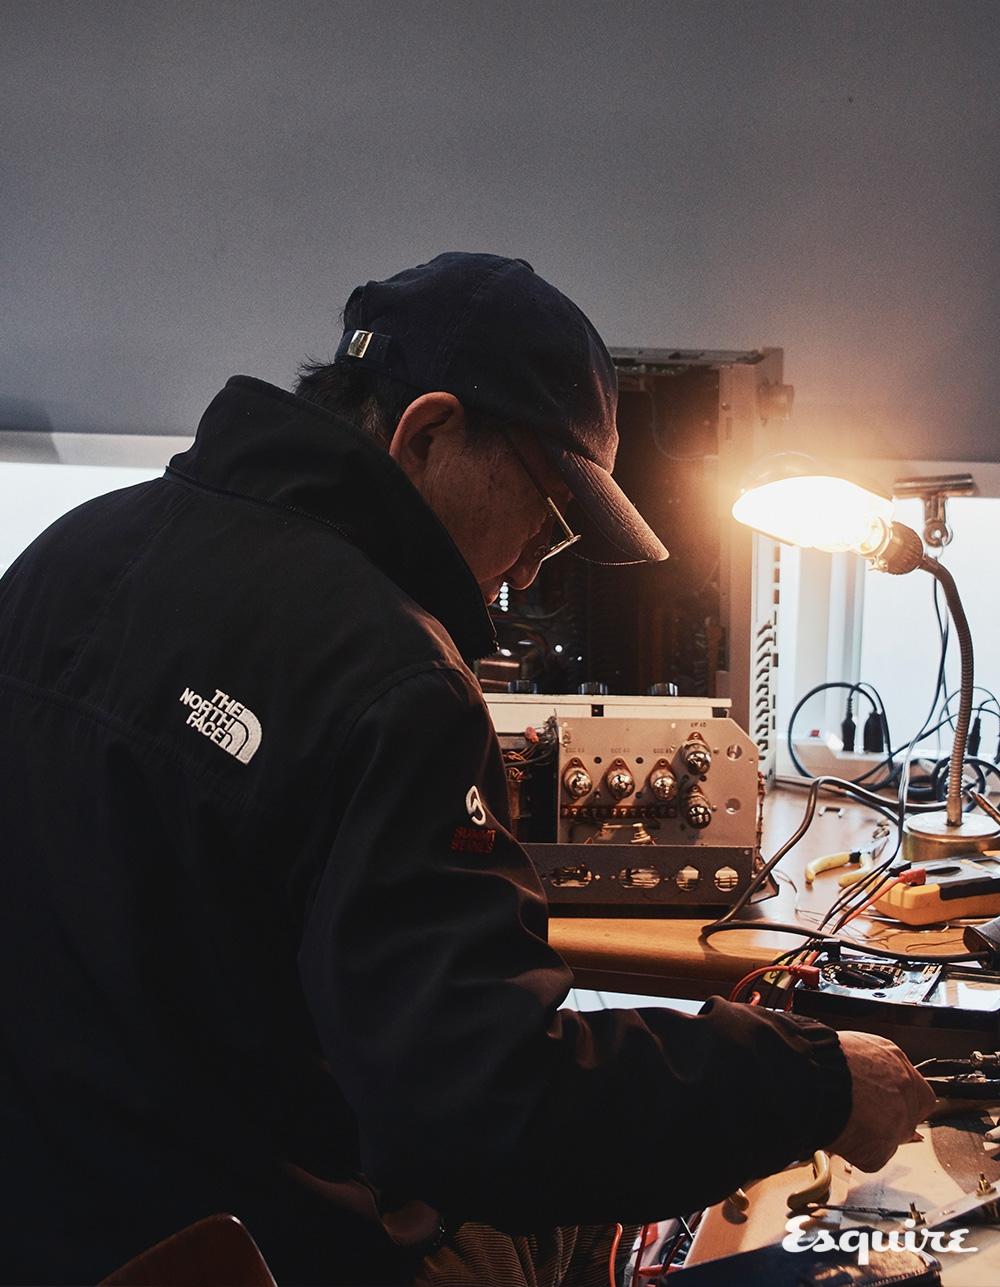 오디오를 수리하는 정음전자의 변용규 장인.